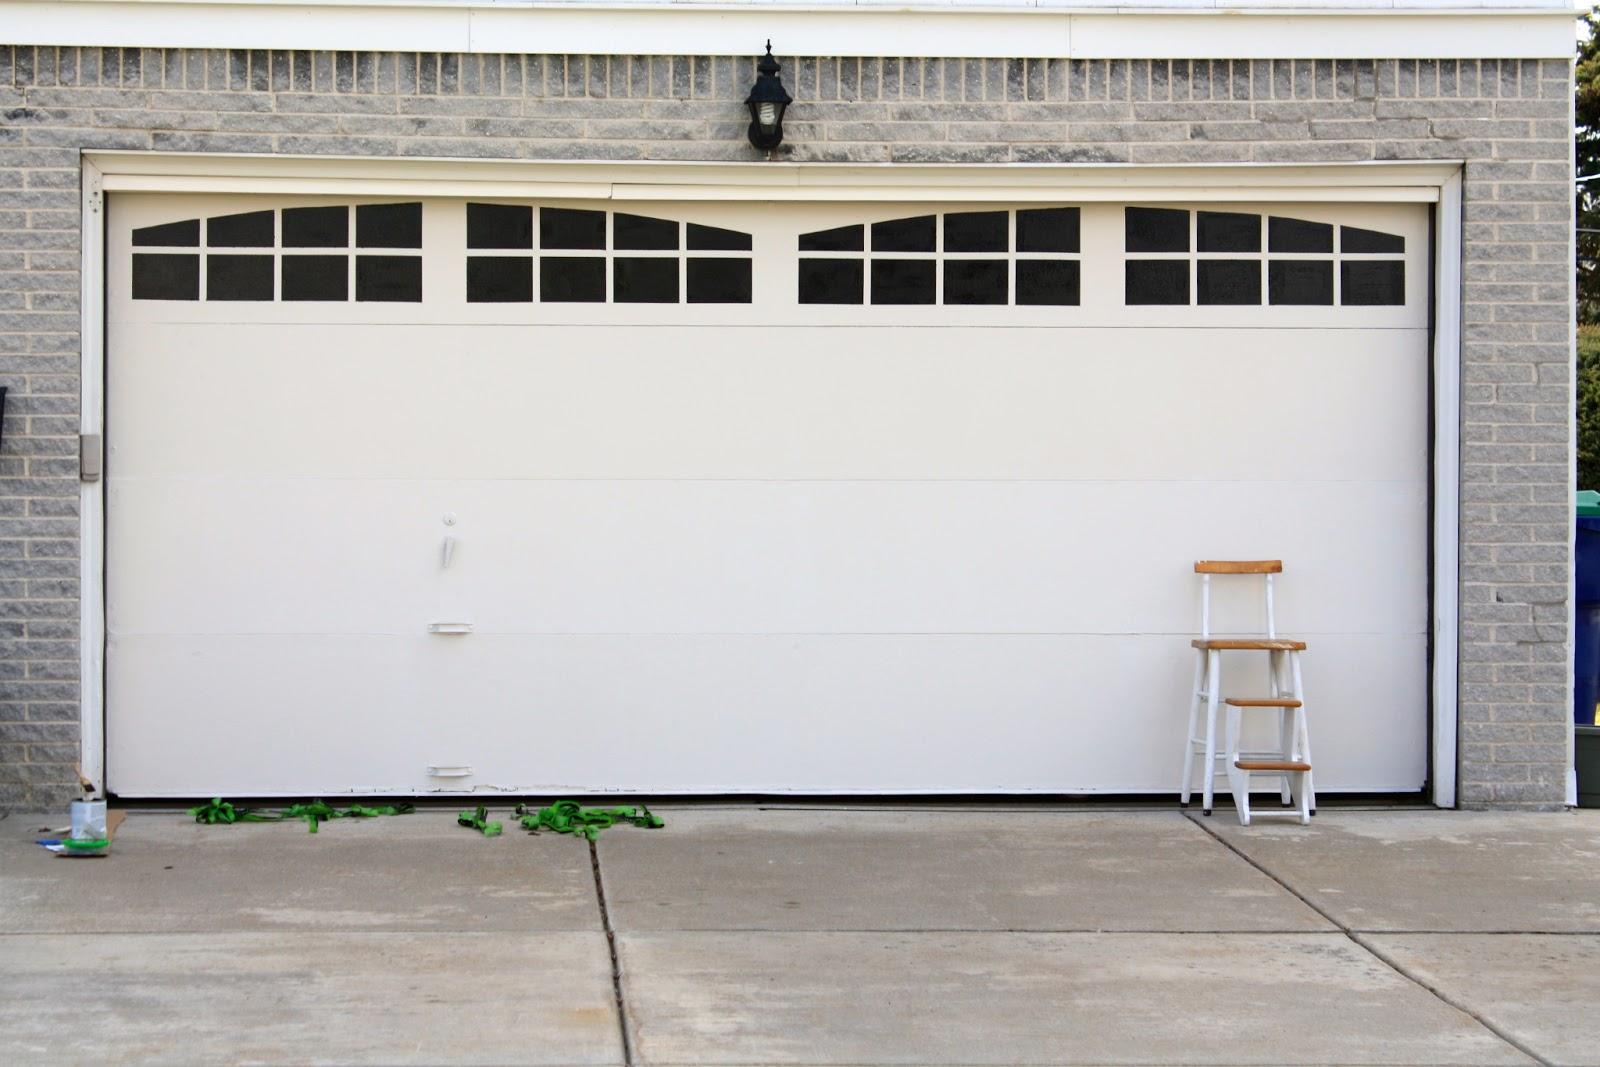 Ballin with balling garage door facelift for less than 20 - Garage door window panels ...